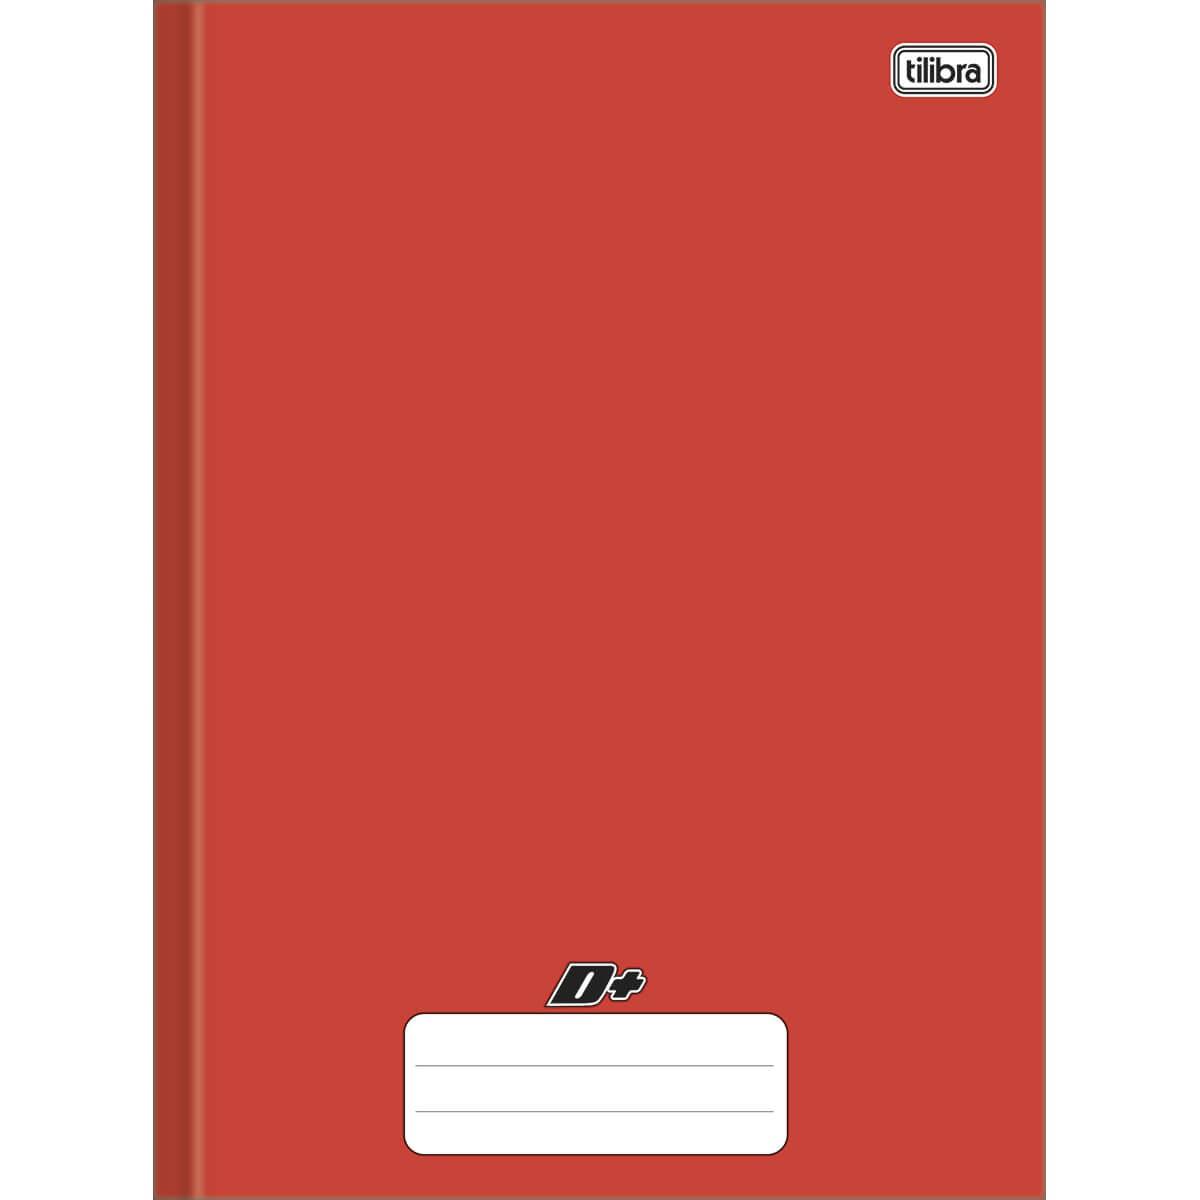 Caderno brochura 48 fls vermelho D+ Tilibra